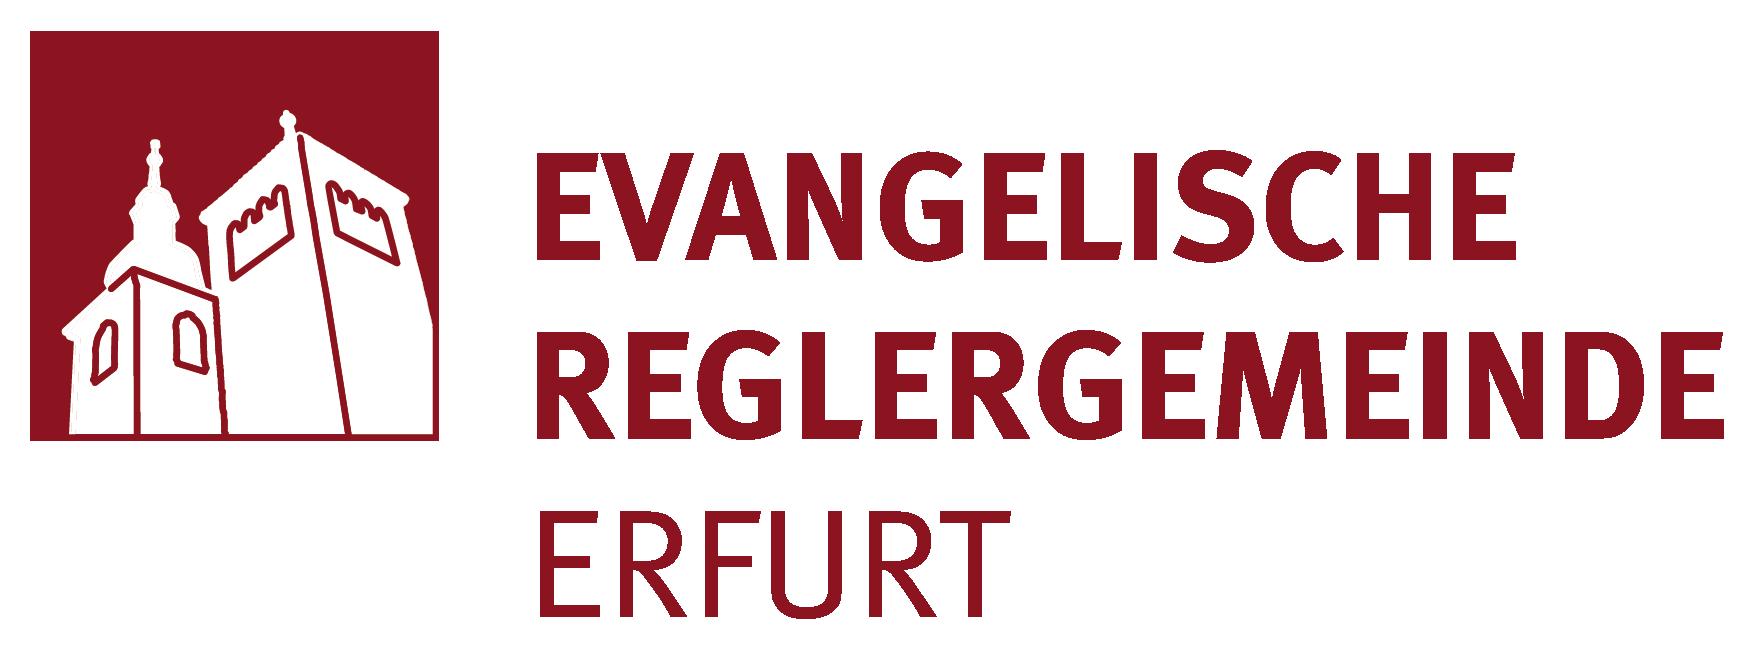 Reglergemeinde Erfurt